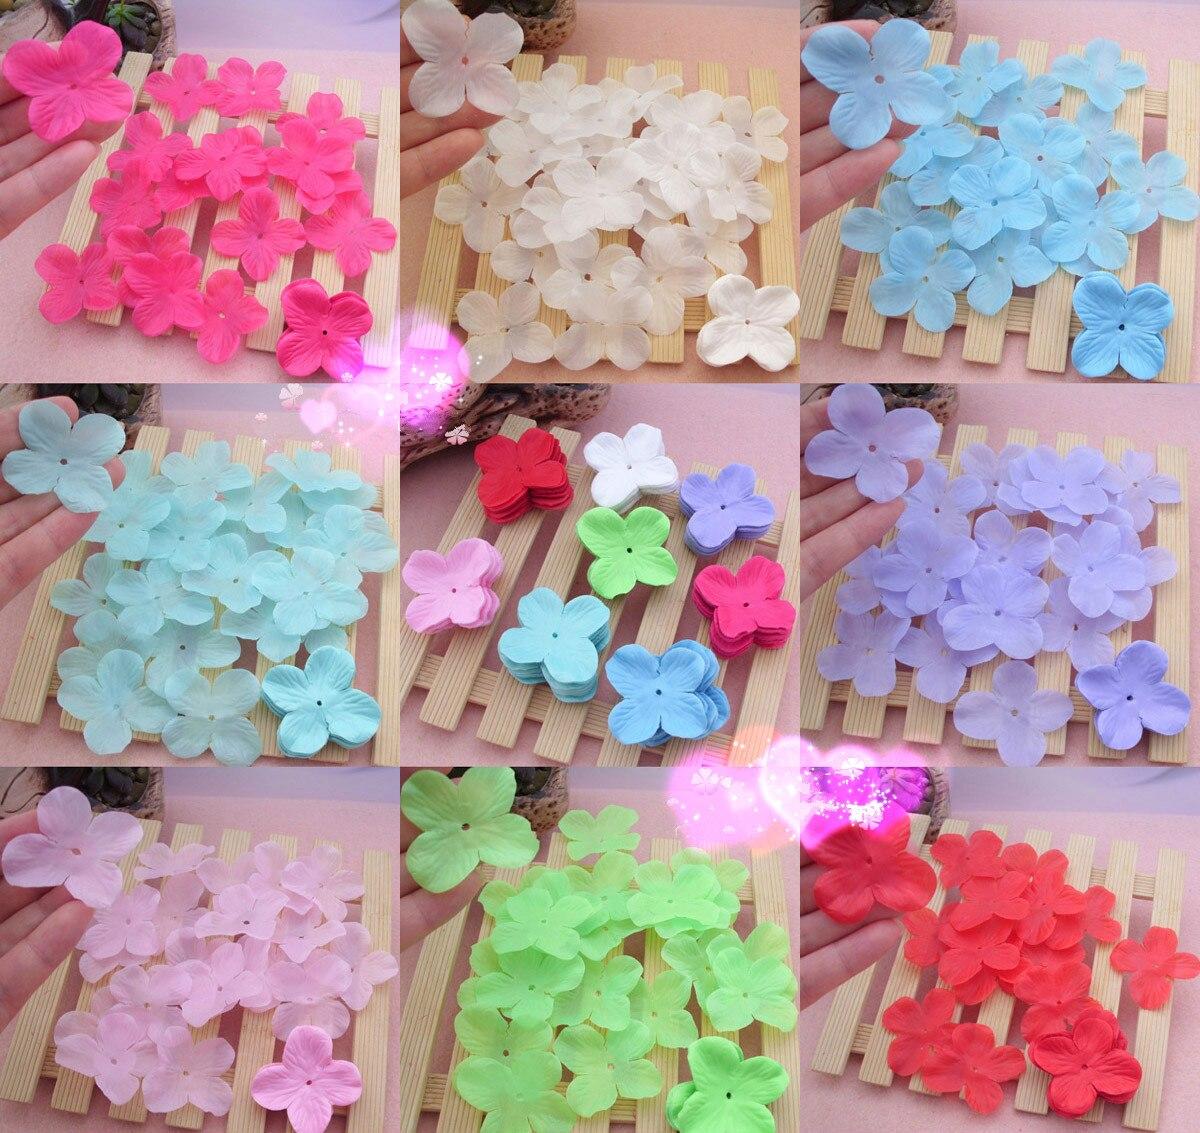 300 шт. Искусственный поддельные цветок шелк Лепестки роз вишни лепесток свадебные декоративные цветы для украшения acb1400